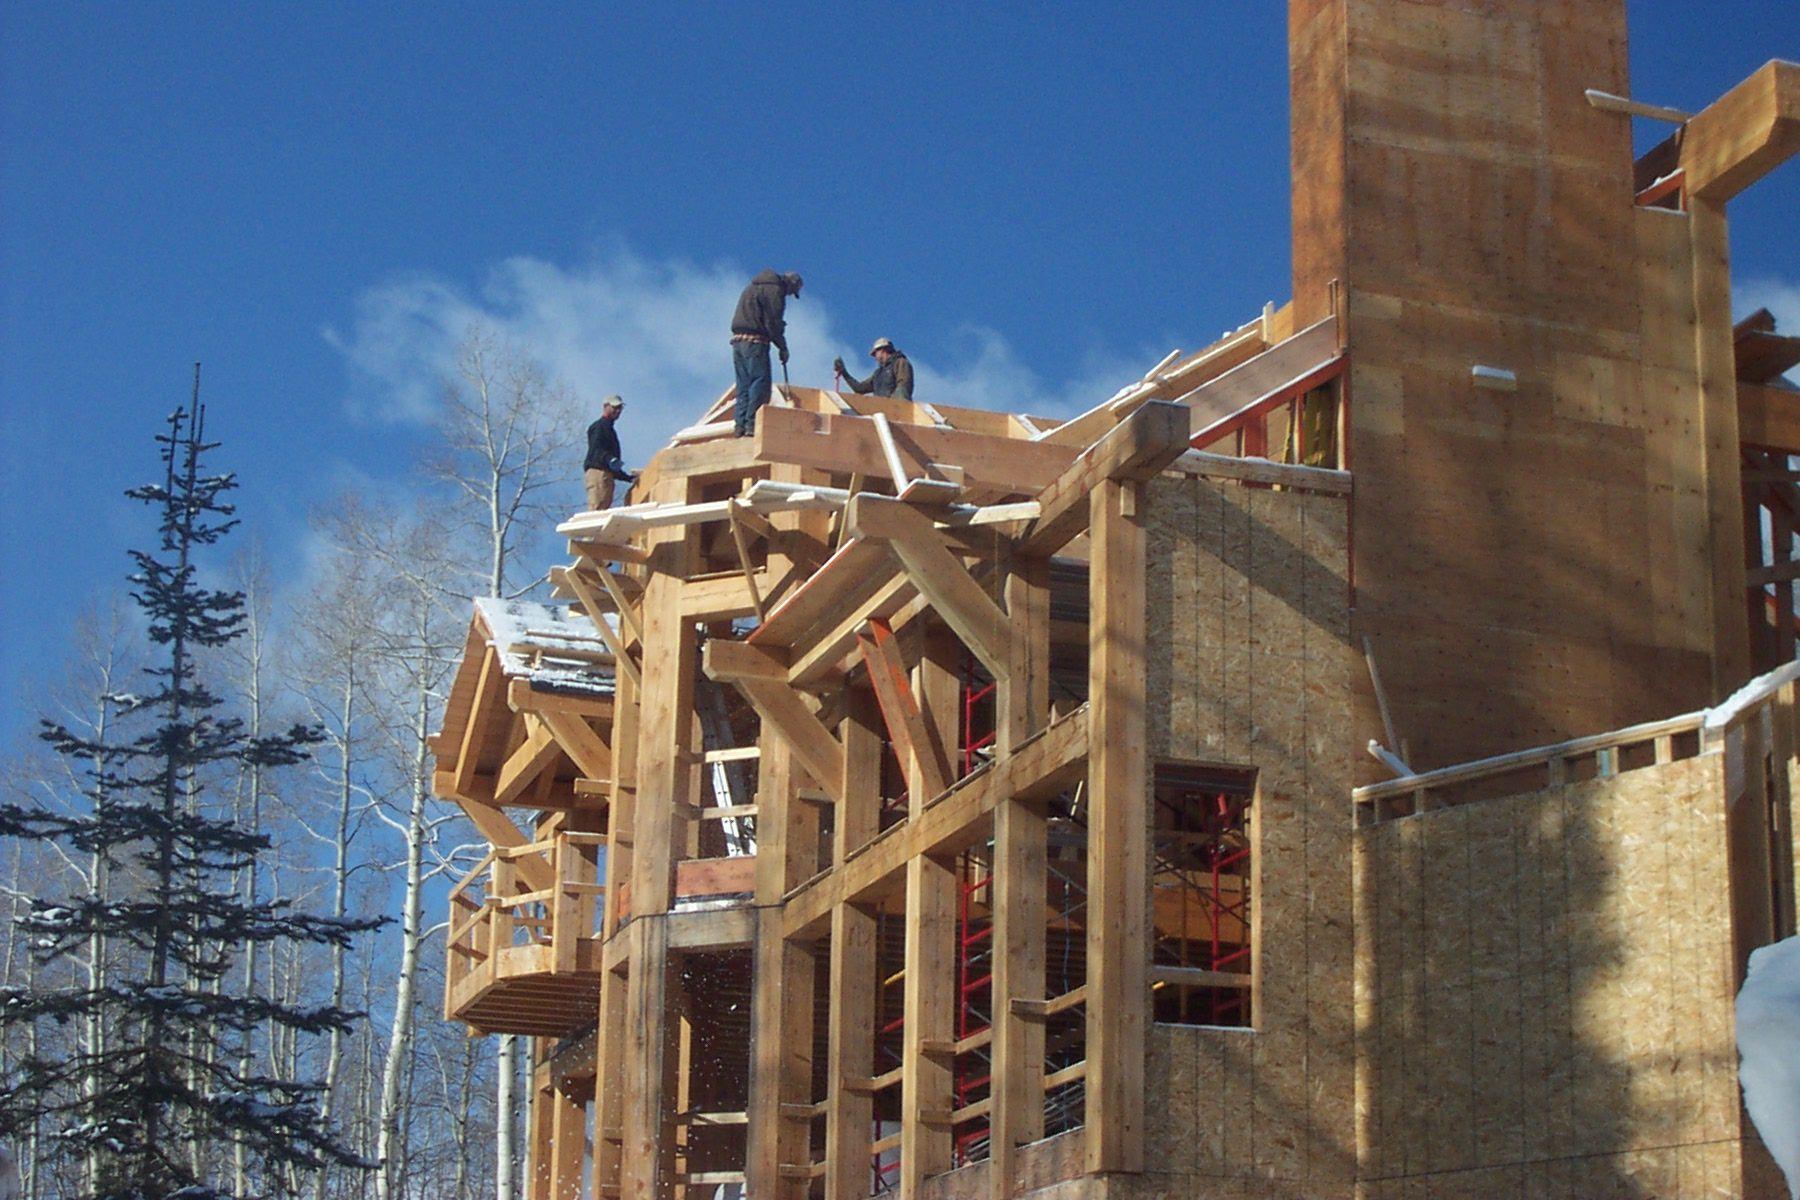 Timberframing